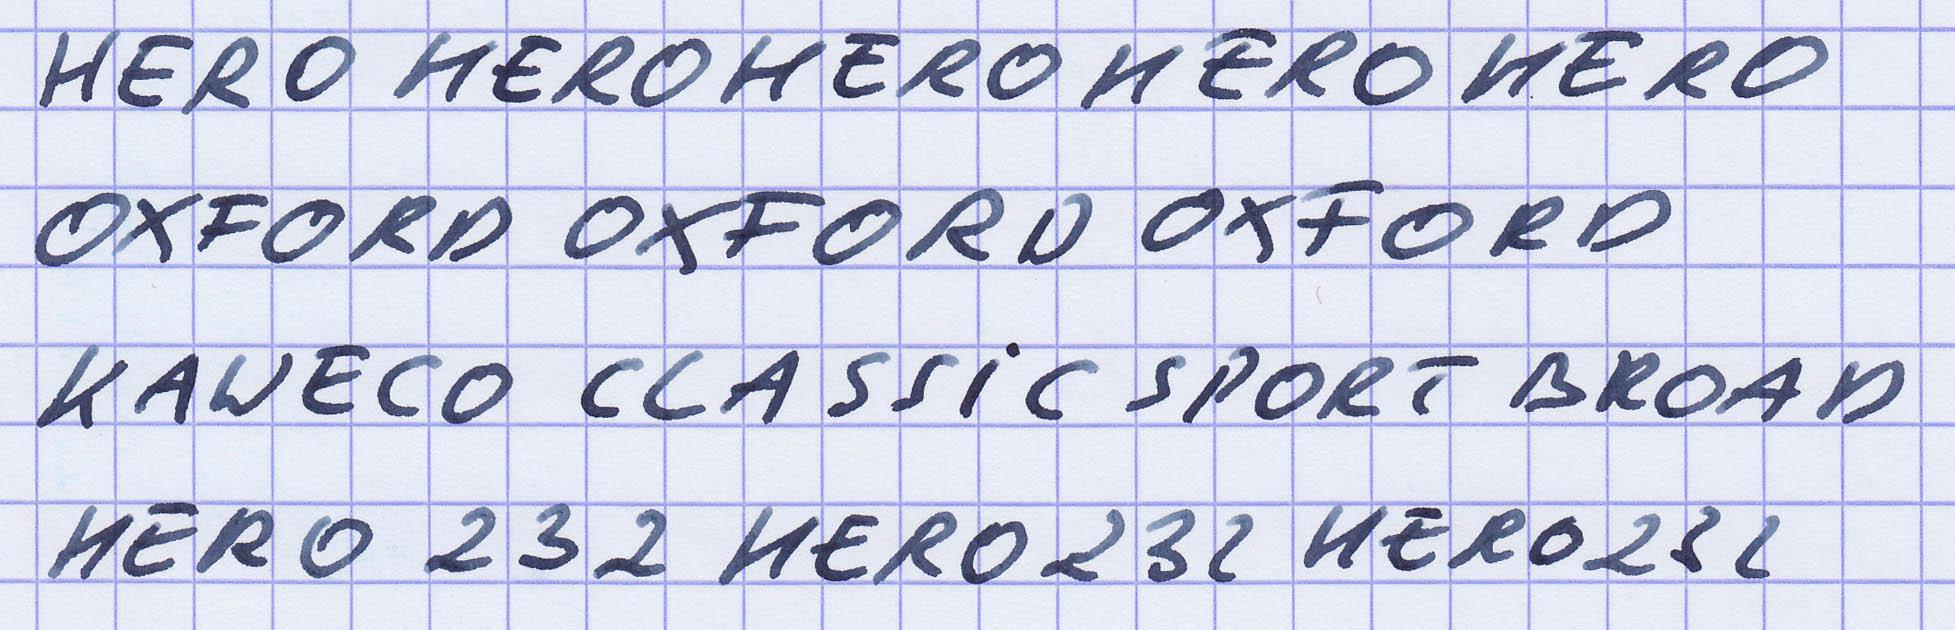 fpn_1491236140__hero232_ox.jpg